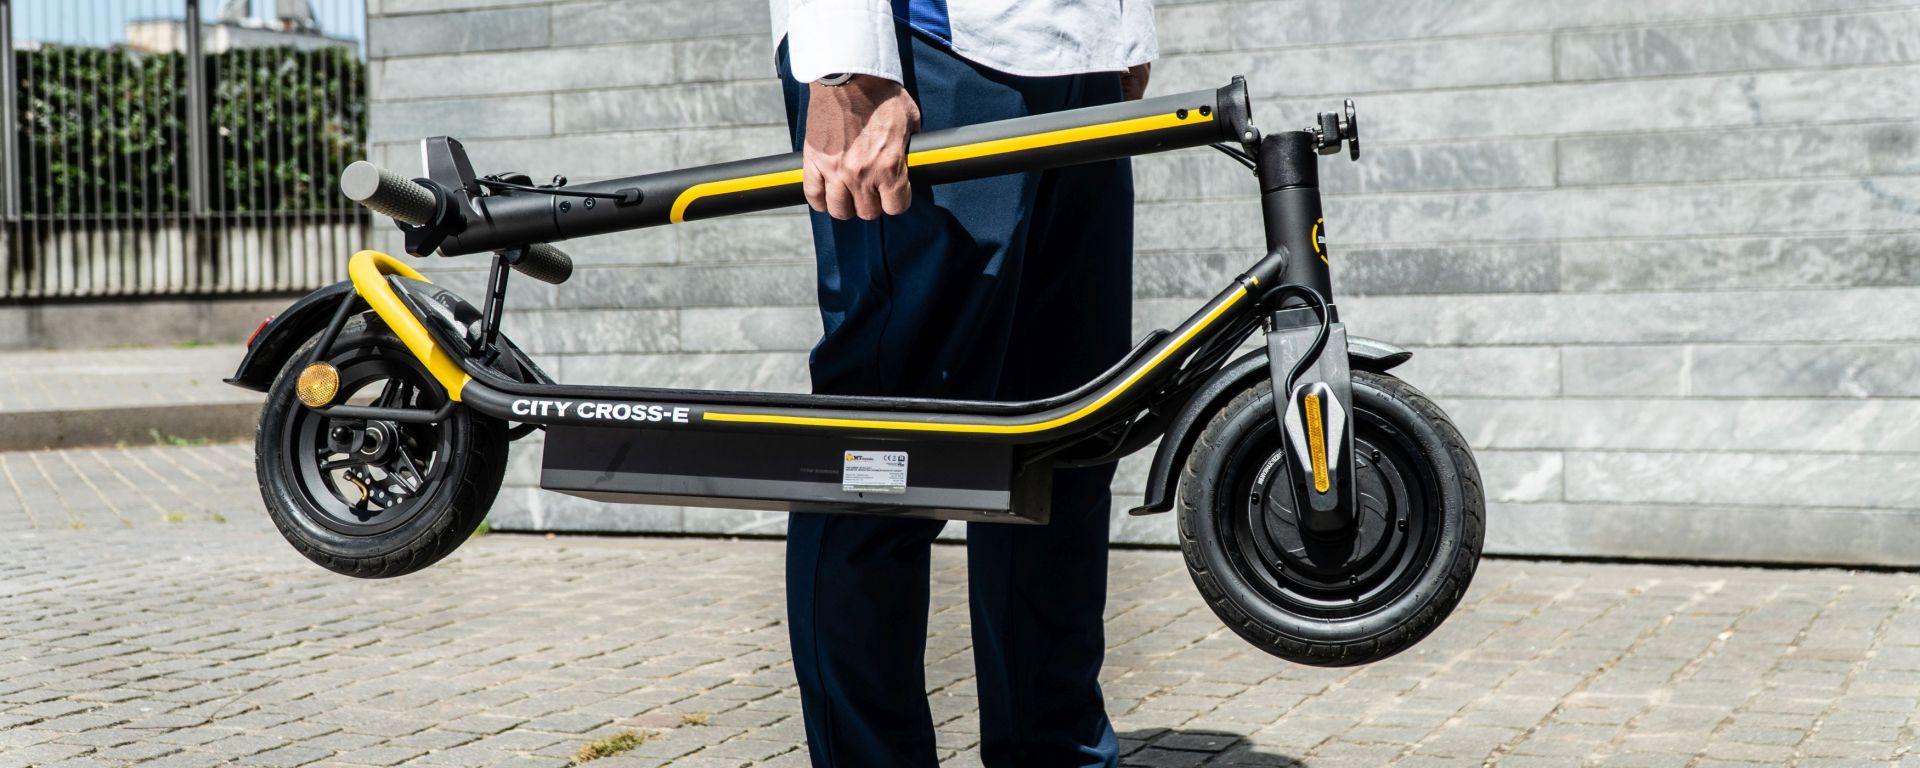 Ducati City Cross-E Black & Yellow: la prova